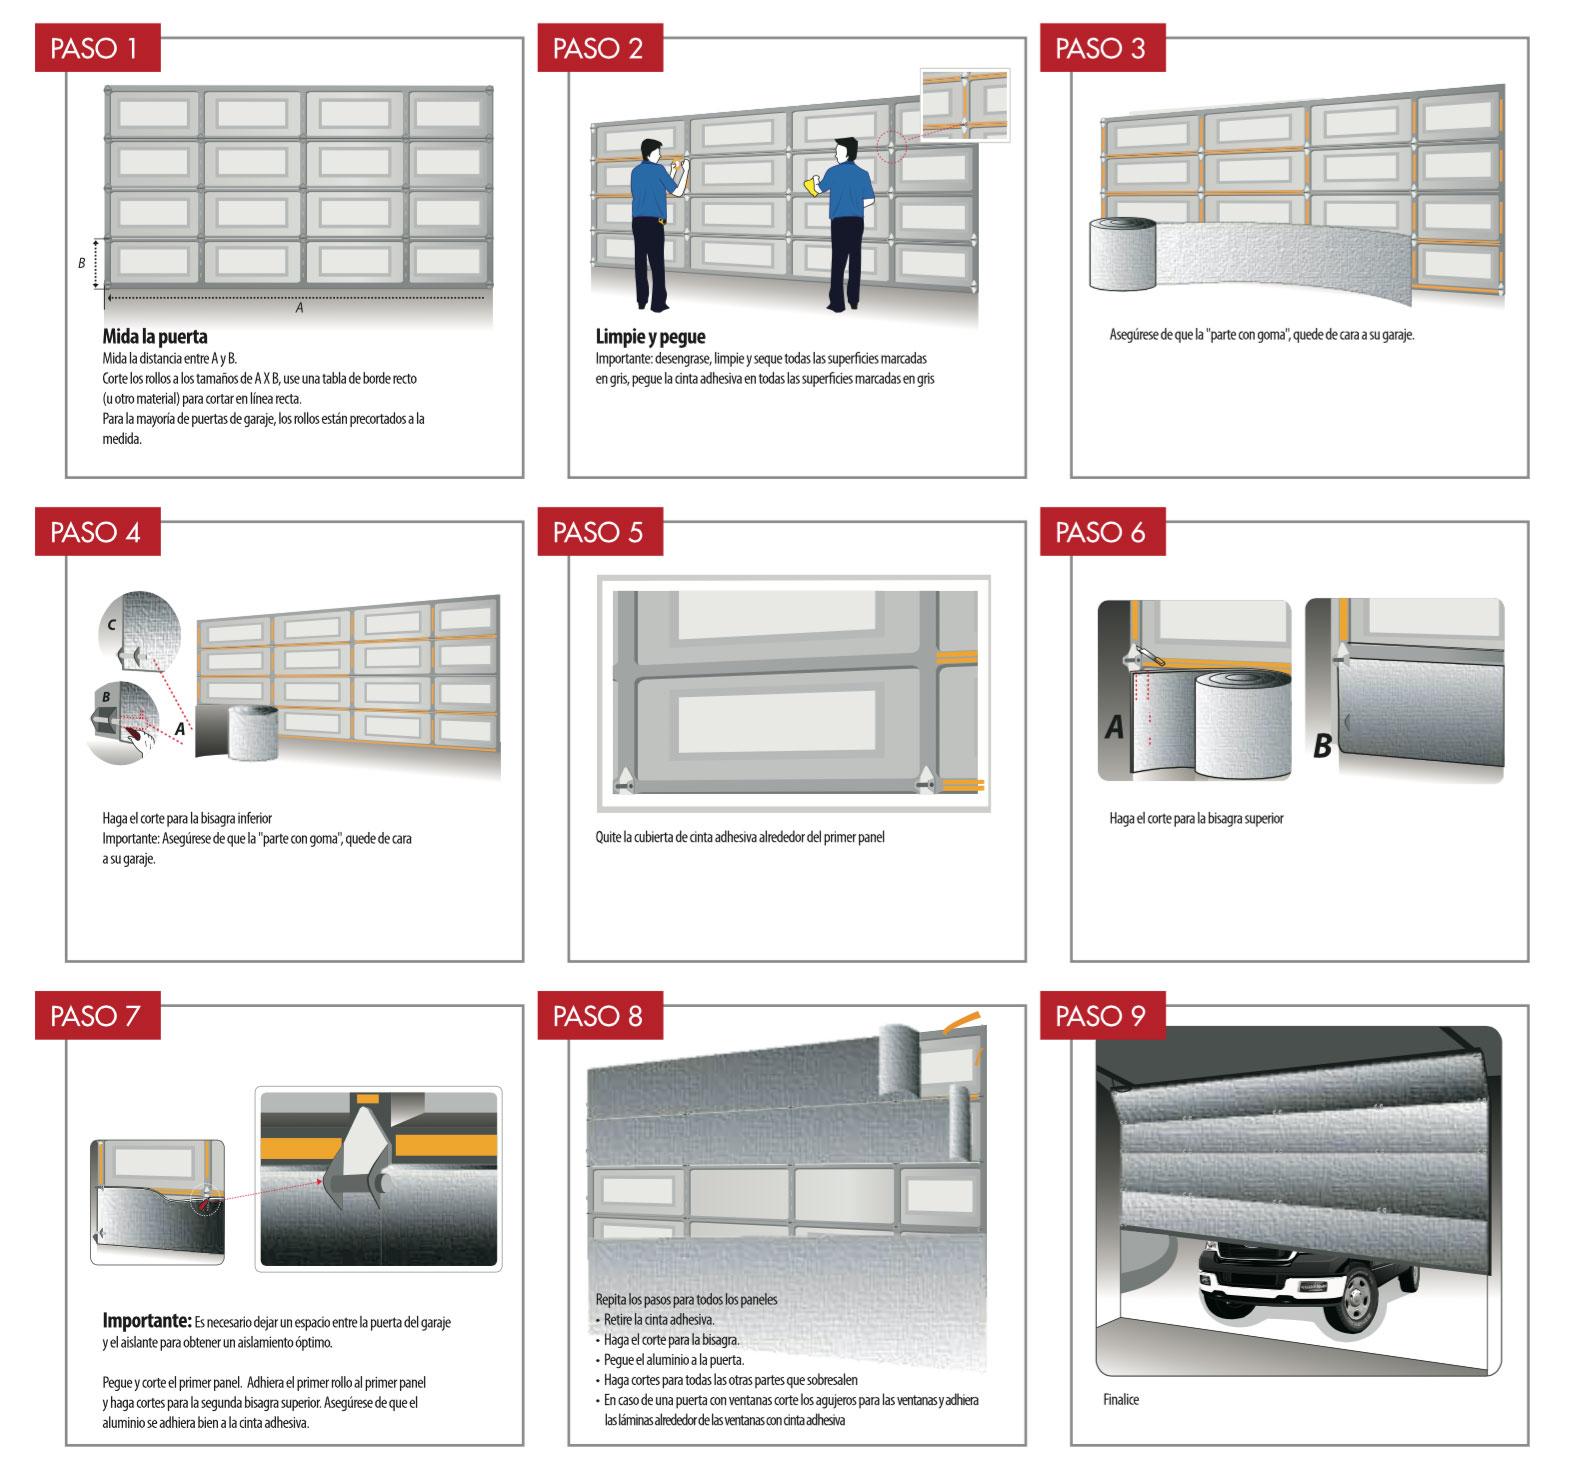 Aislante termico para paredes aislante termico aislantes - Aislantes termicos para paredes interiores ...